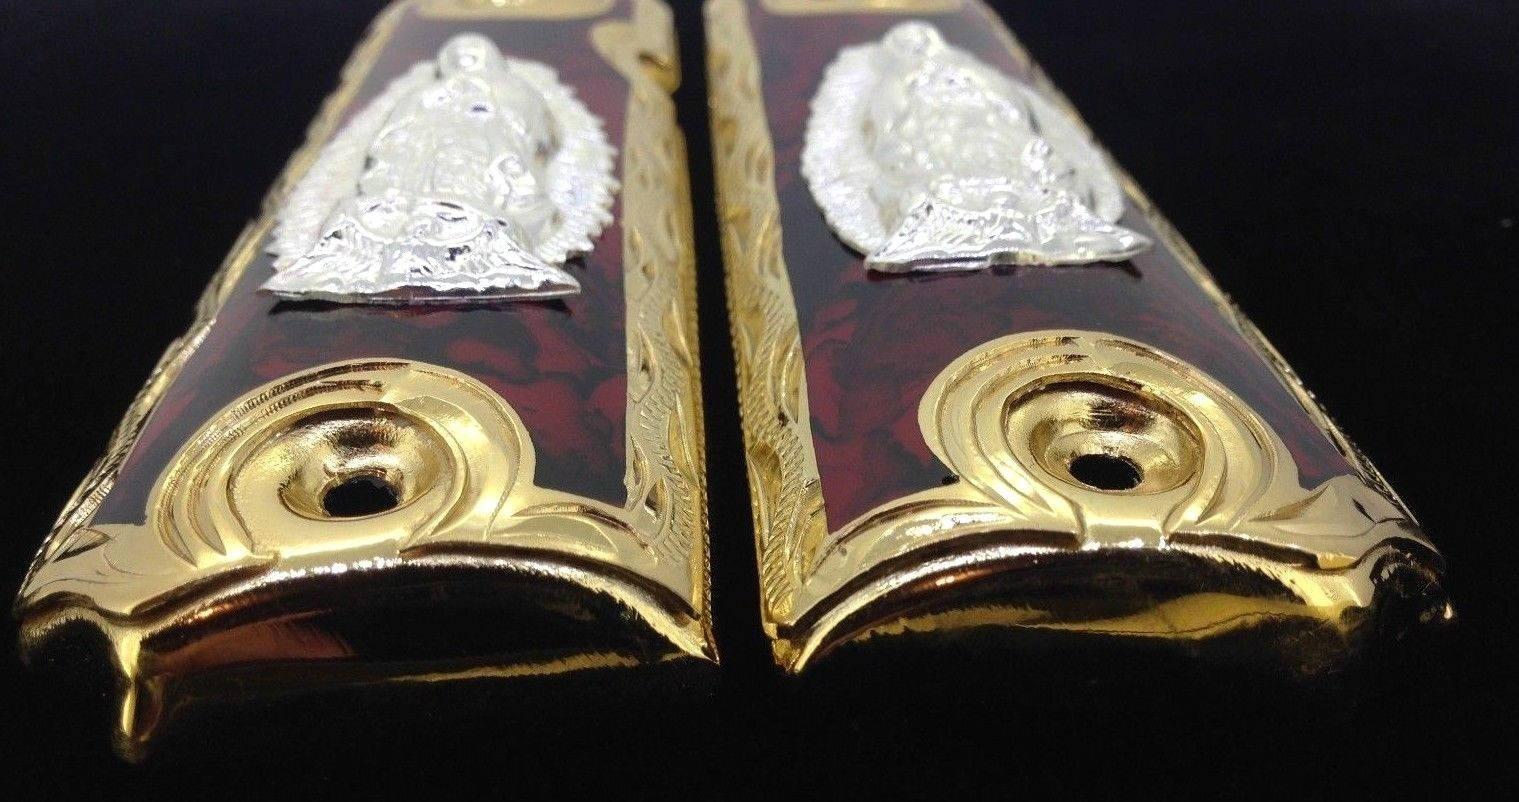 1911 pistola apretones • Guadalupe Virgen • Virgen Guadalupe • potro ...